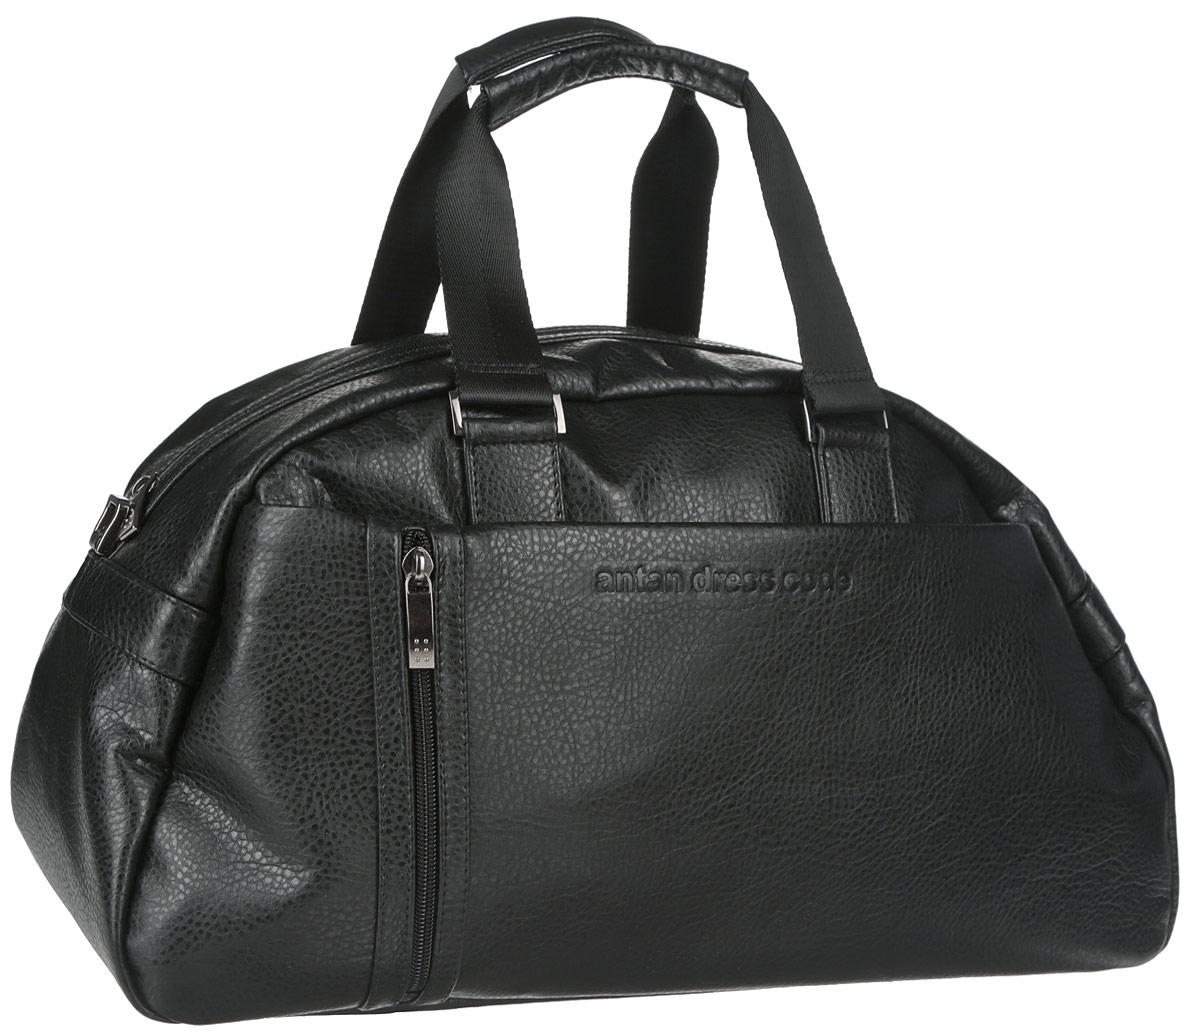 Сумка дорожная Antan, цвет: черный. 2-2472-247Вместительная дорожная сумка Antan выполнена из искусственной кожи с зернистой фактурой. Такая сумка станет надежным спутником в недолгих путешествиях, походах в спортзал и других жизненных ситуациях. Данная модель способна вместить большое количество необходимых вещей и предметов.Модель имеет одно главное отделение, закрывающееся на пластиковую застежку-молнию. Внутри отделения предусмотрен вместительный прорезной карман на застежке-молнии и два нашивных кармана для мелочей. Снаружи, на задней и передней стенках расположены вместительные прорезные карманы на застежках-молниях. Лицевая сторона дополнена небольшим прорезным карманом на молнии. Сумка оснащена двумя удобными ручками и двумя съемными плечевыми ремнями, регулируемой длины, благодаря этому сумка носится в руке или на плече. Устойчивое дно дополнено металлическими ножками, которые защитят изделие от повреждений. Сумка декорирована тиснением бренда.Такая сумка - незаменимый аксессуар для путешествия. С этим аксессуаром вы всегда будете выглядеть современно и модно.